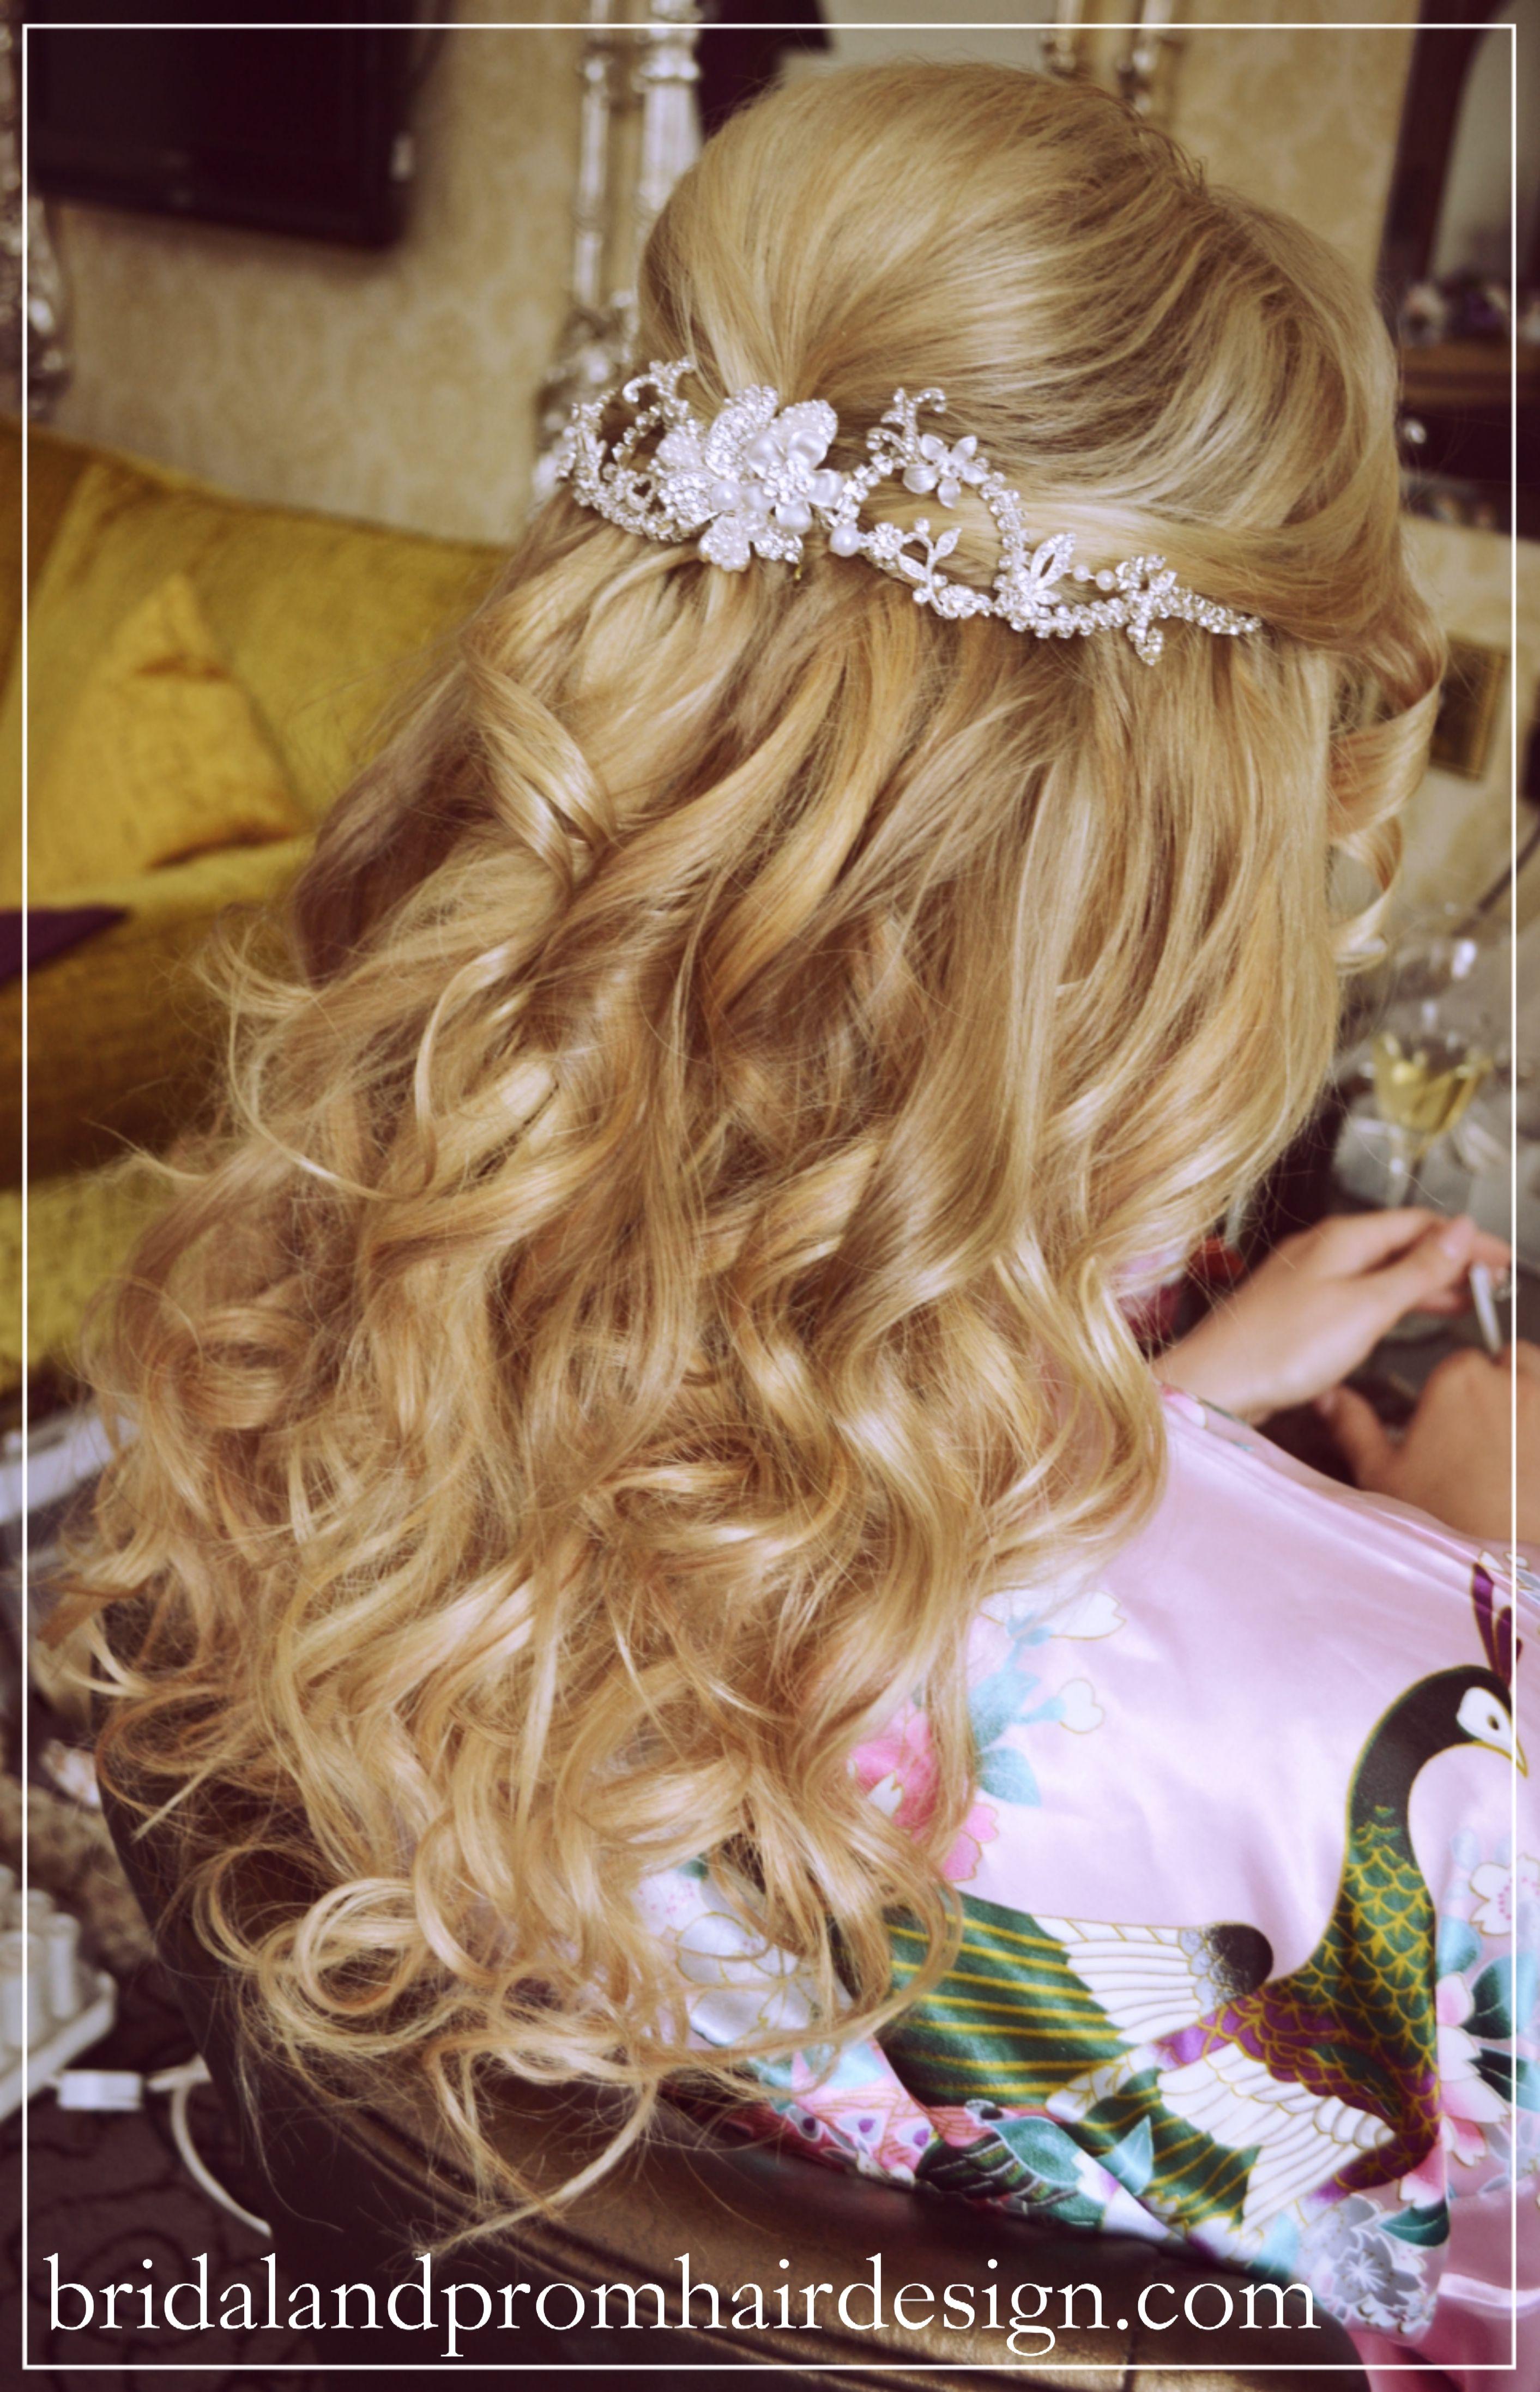 my real brides, wedding hair half up half down using human hair clip